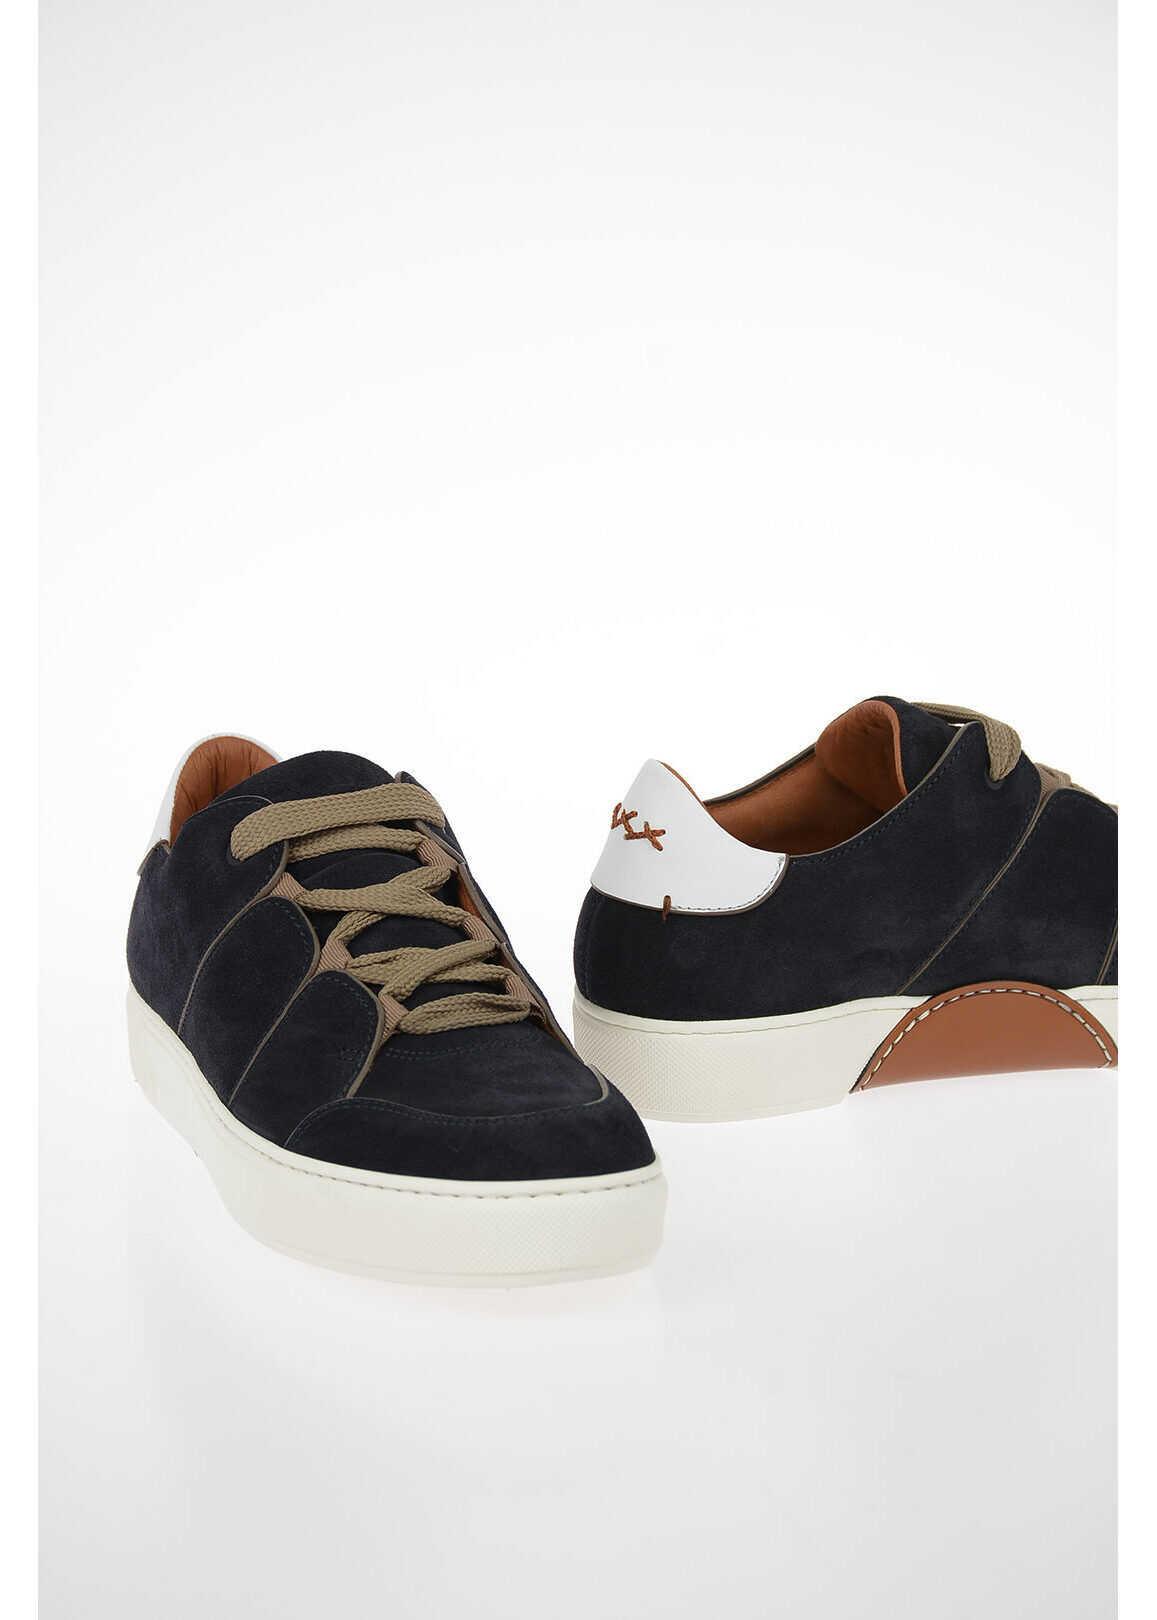 Ermenegildo Zegna COUTURE Suede TIZIANO Sneakers BLUE imagine b-mall.ro